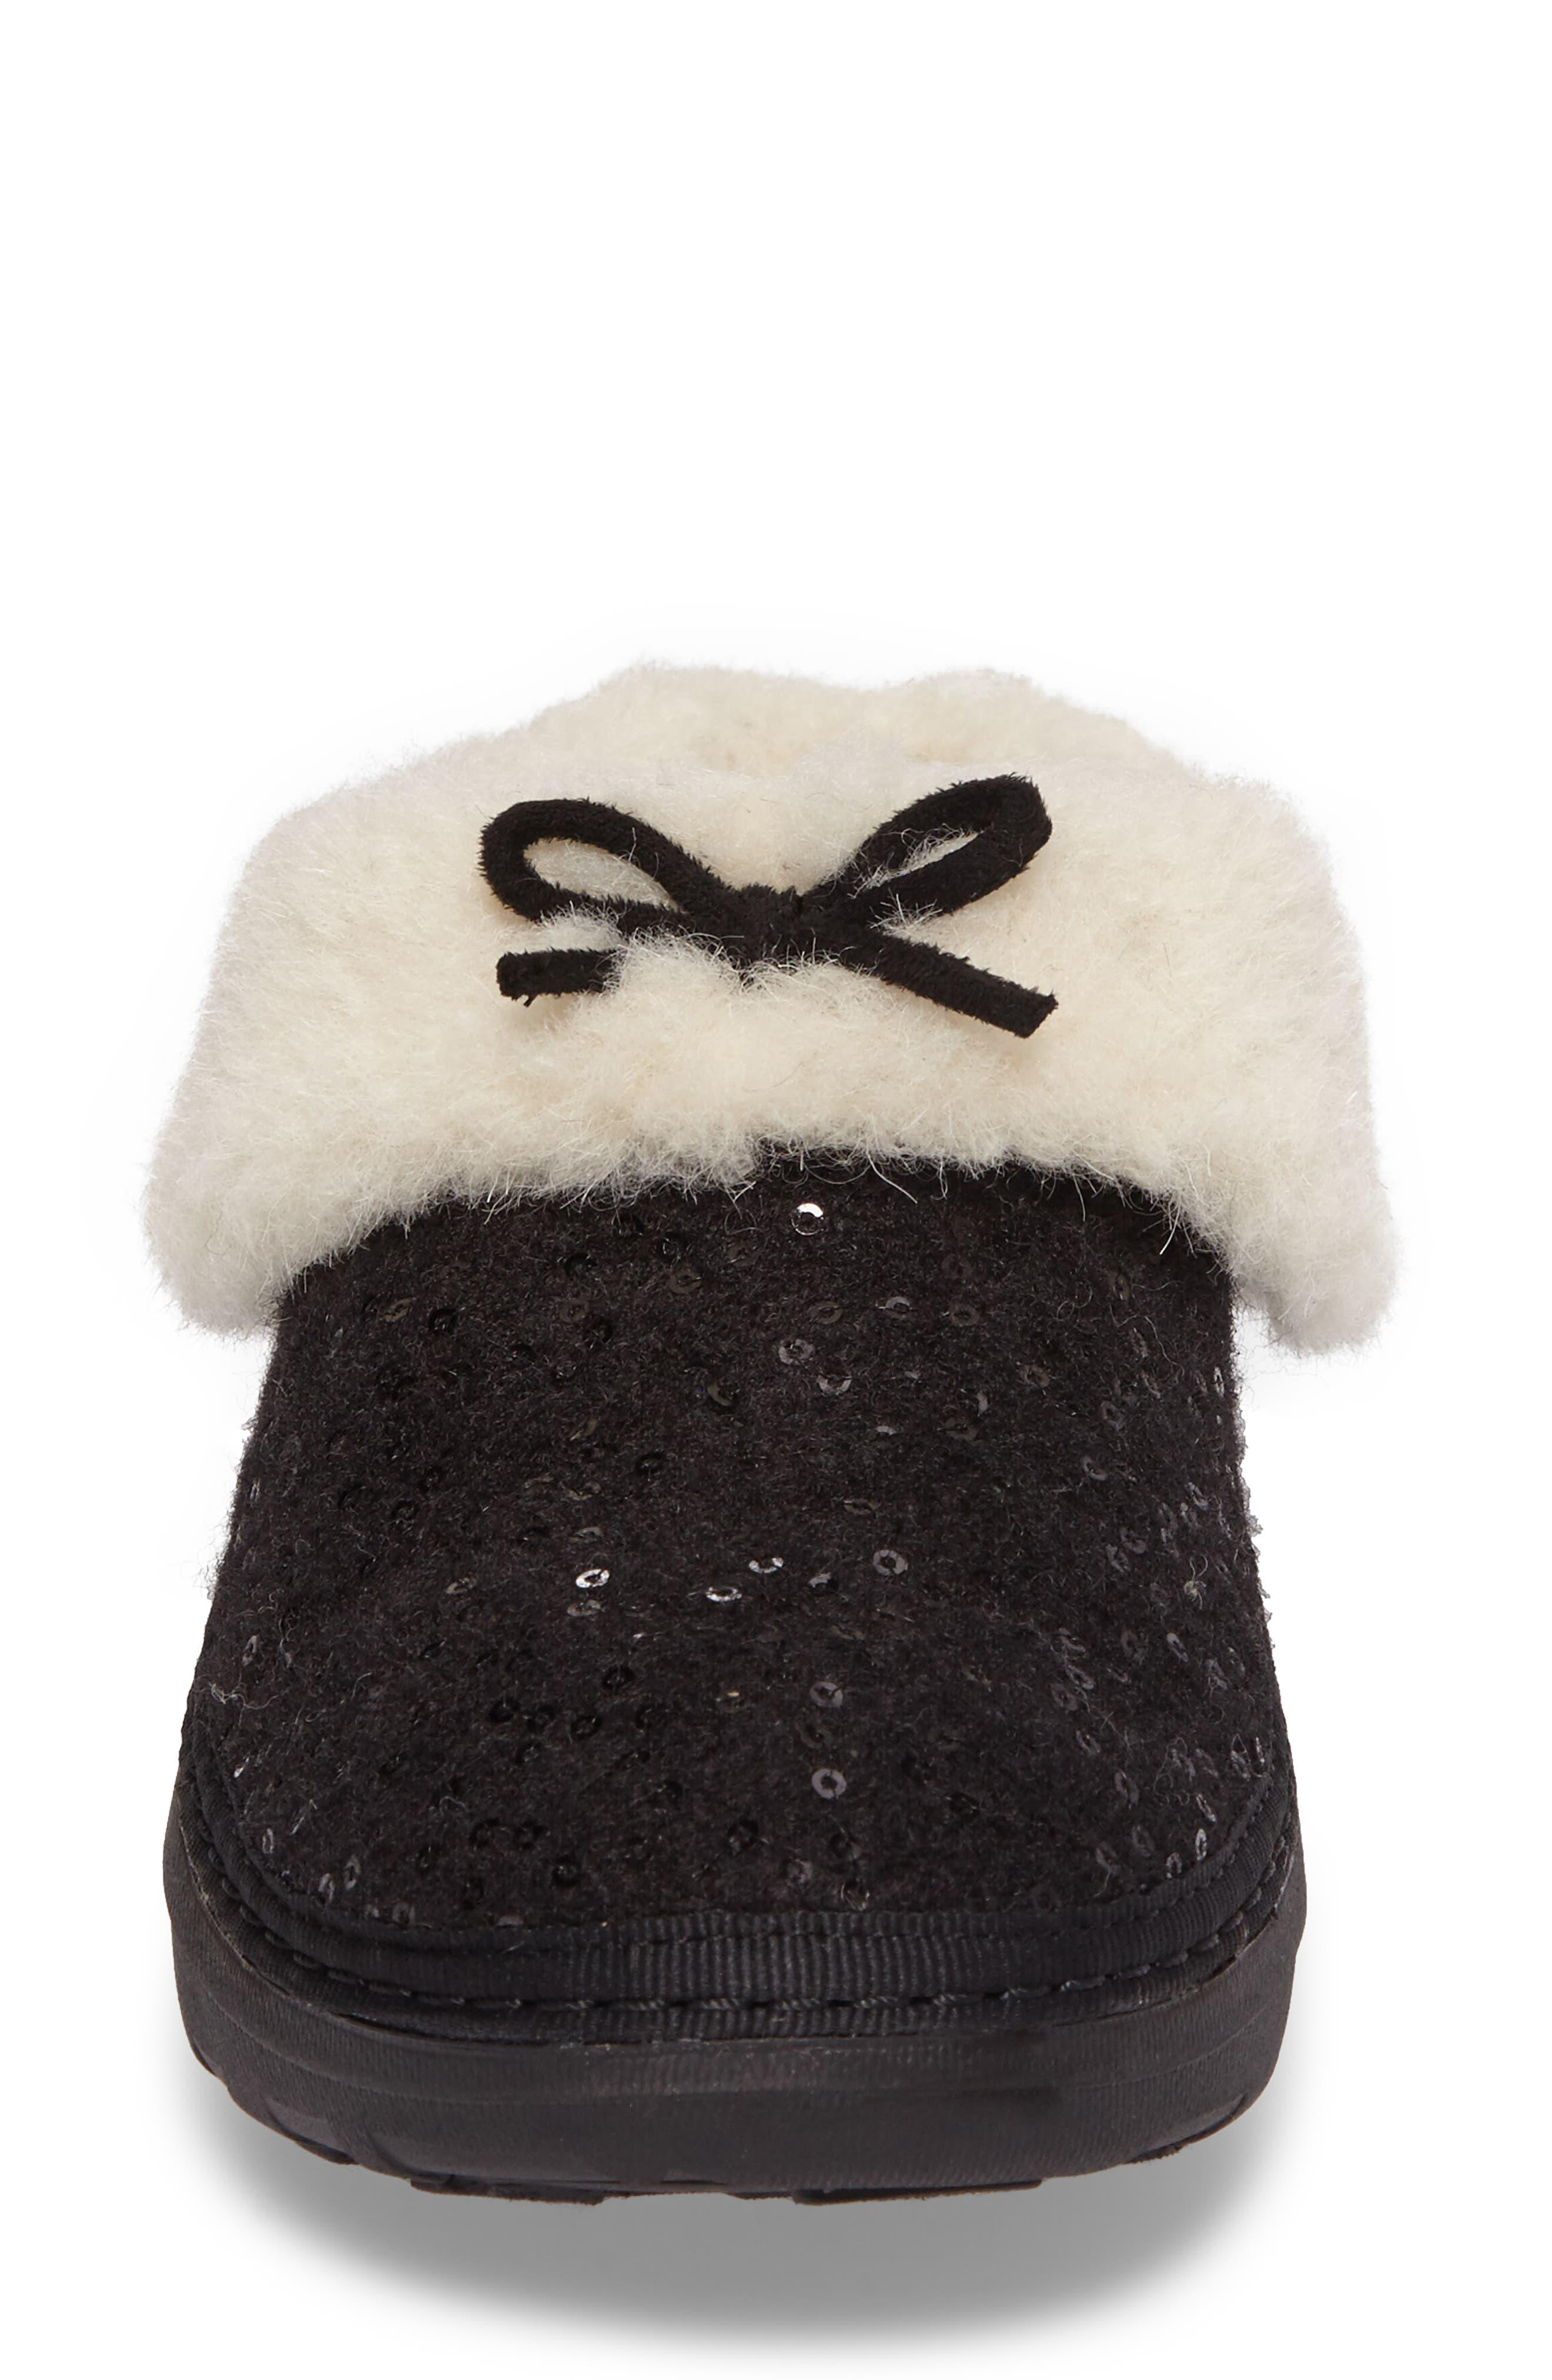 Loaff Snug Sequin Slipper,                             Alternate thumbnail 4, color,                             001